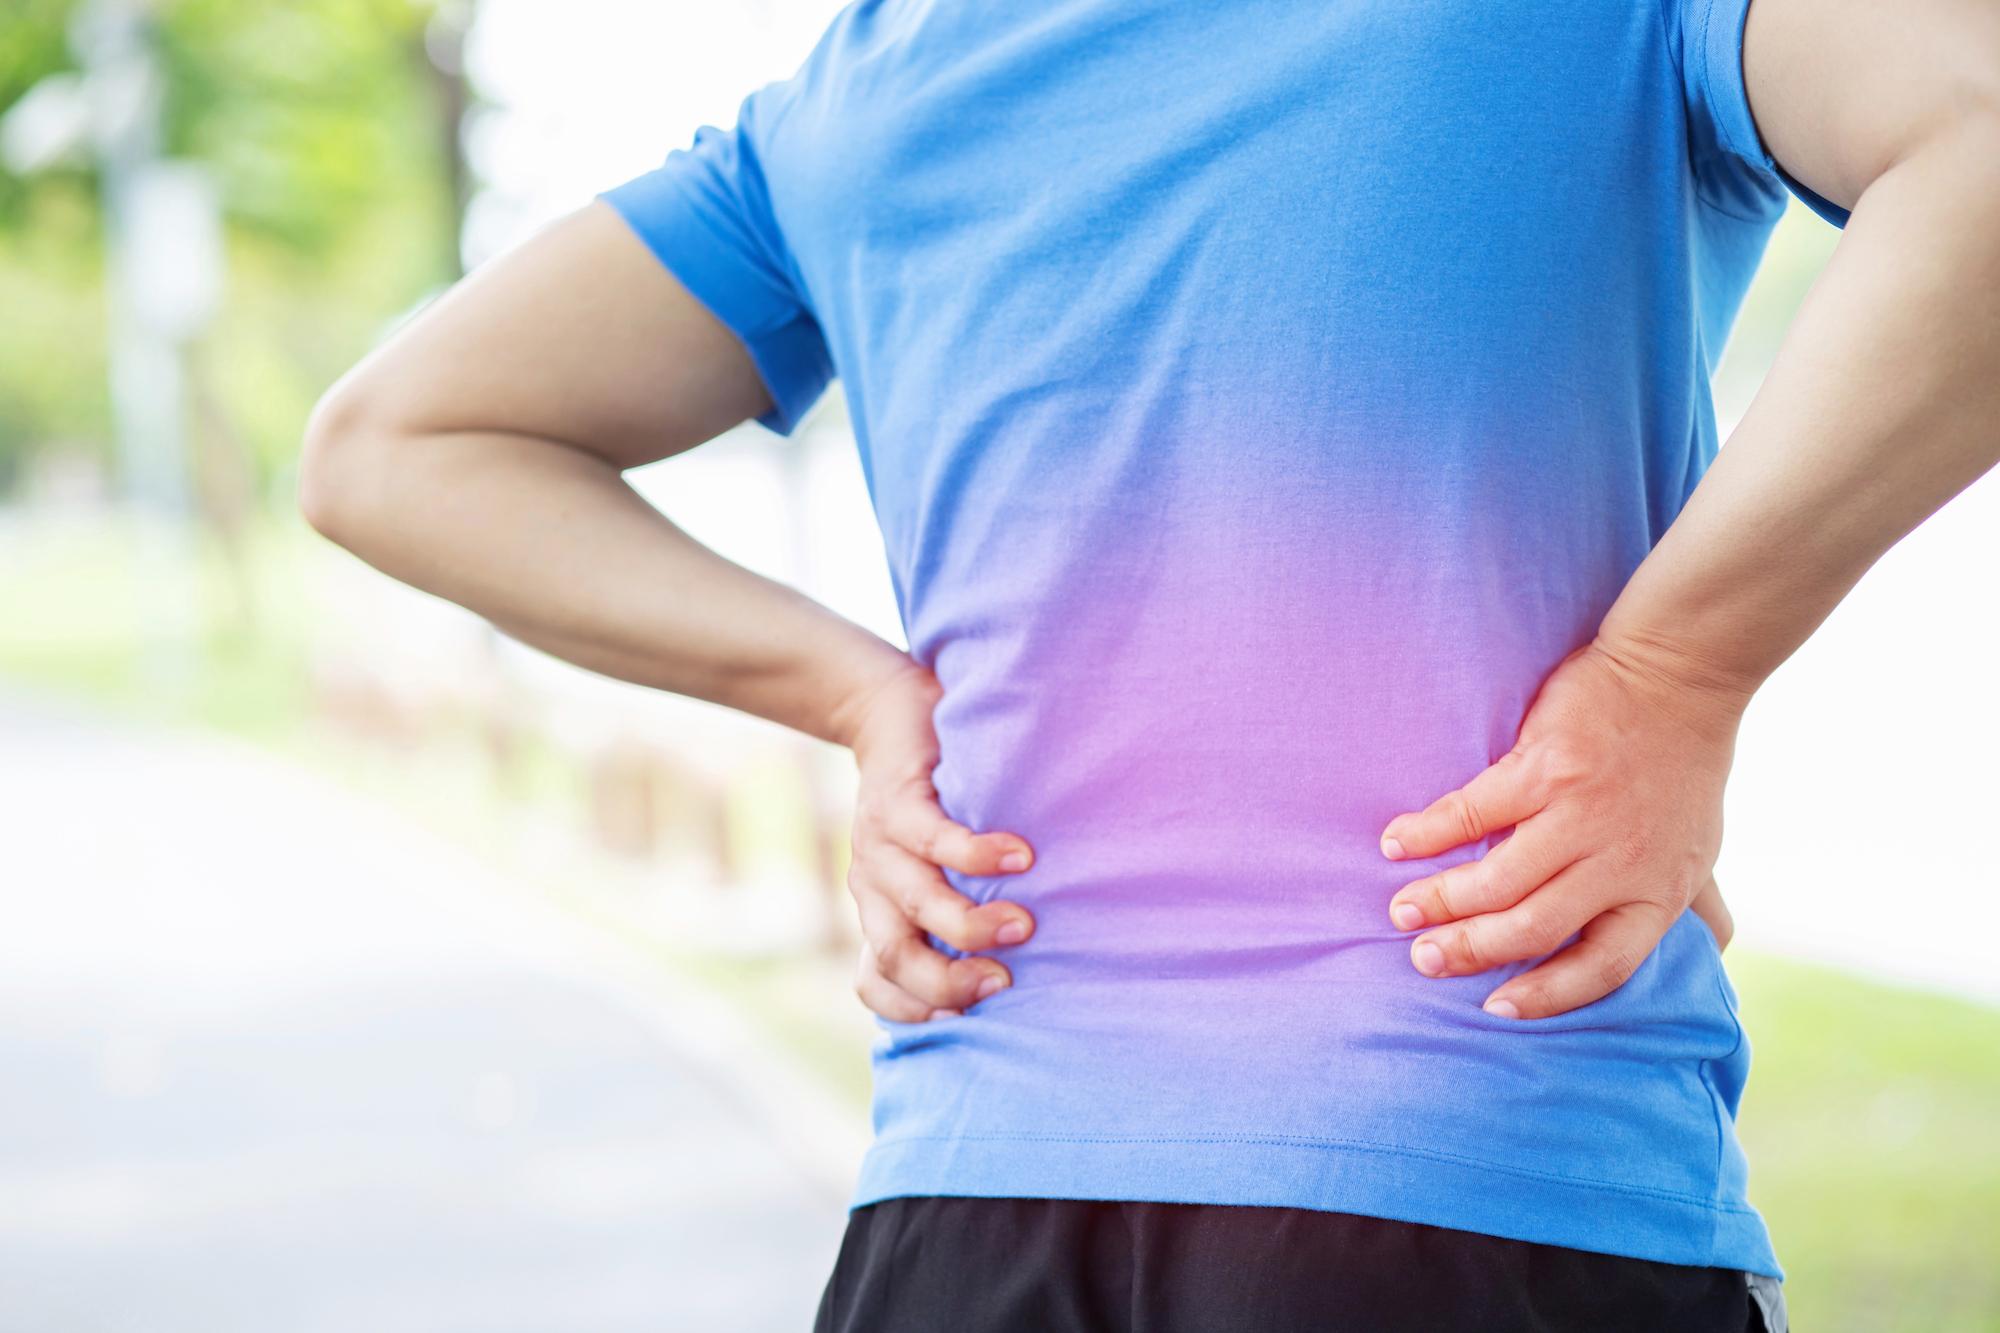 Rückenschmerzen, Kreuzschmerzen, Sportverletzung